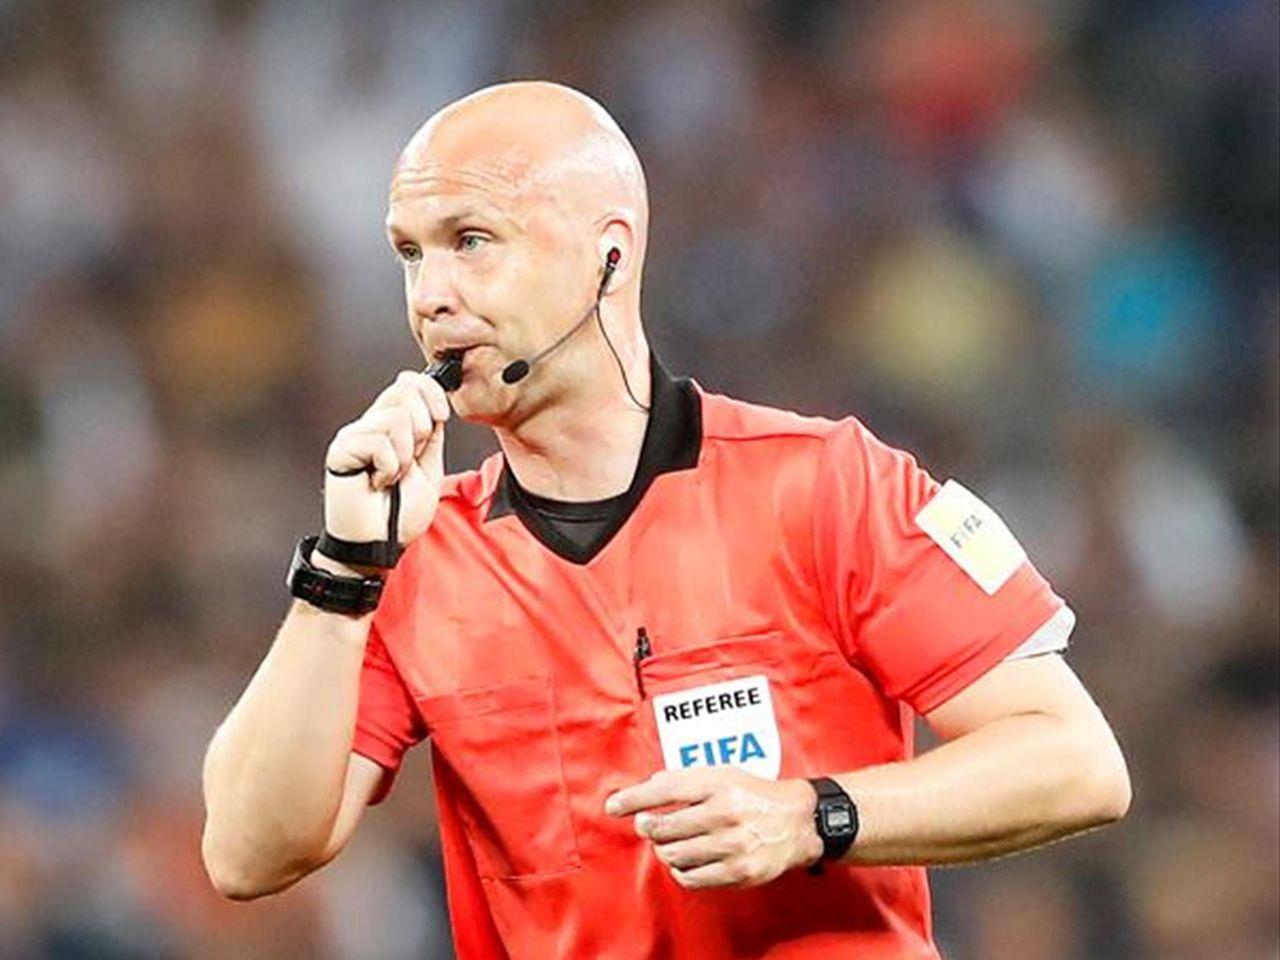 L'arbitro di Italia-Austria sarà l'inglese Anthony Taylor